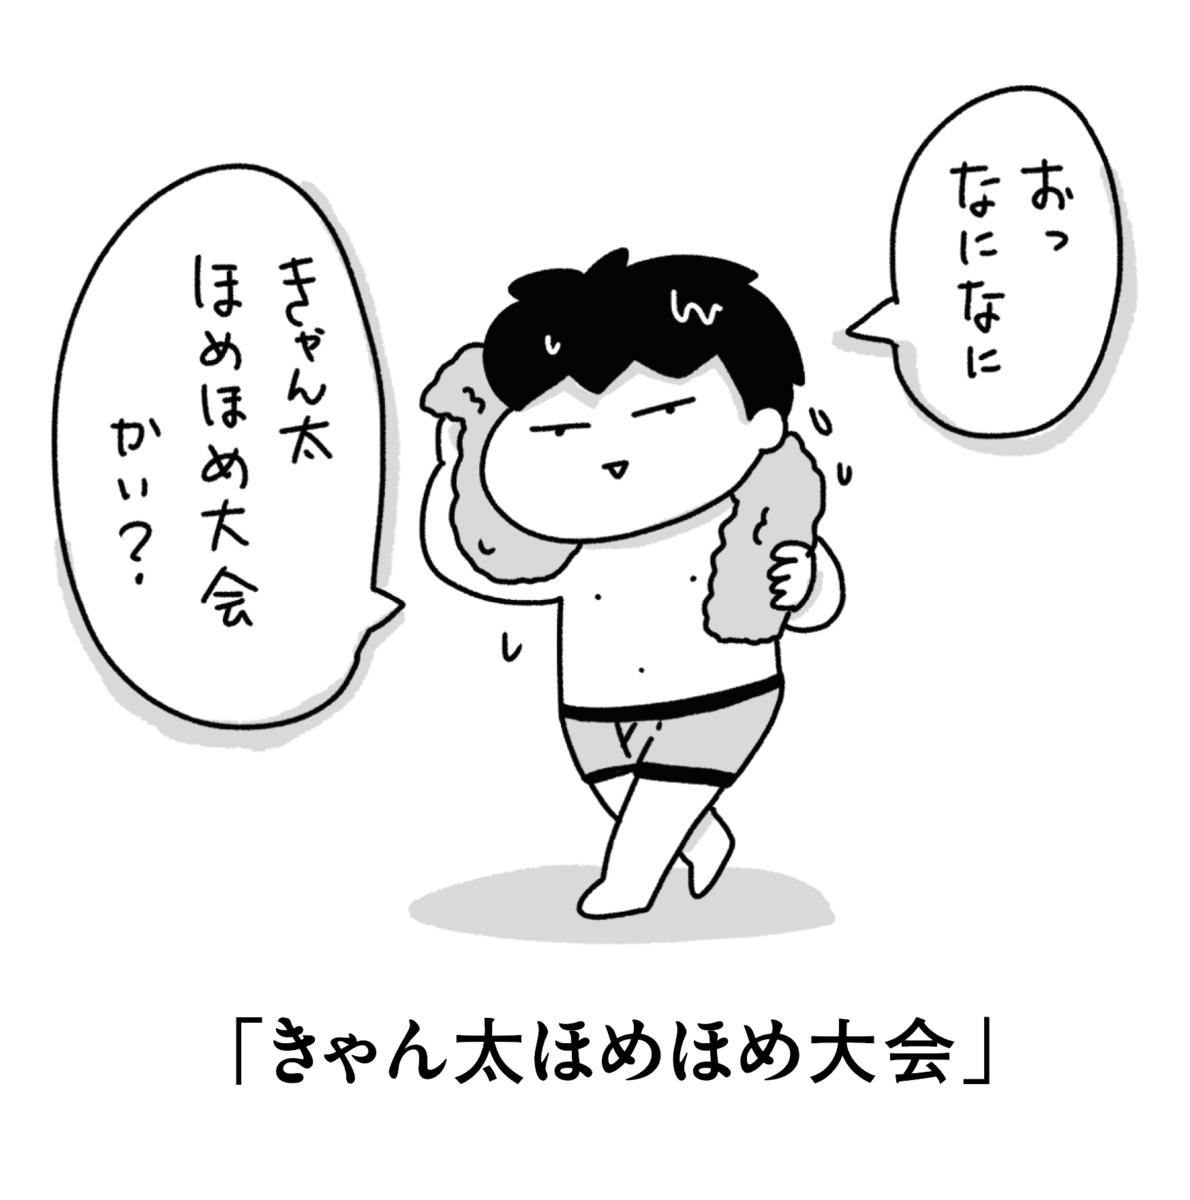 f:id:chokko_san:20200625235037p:plain